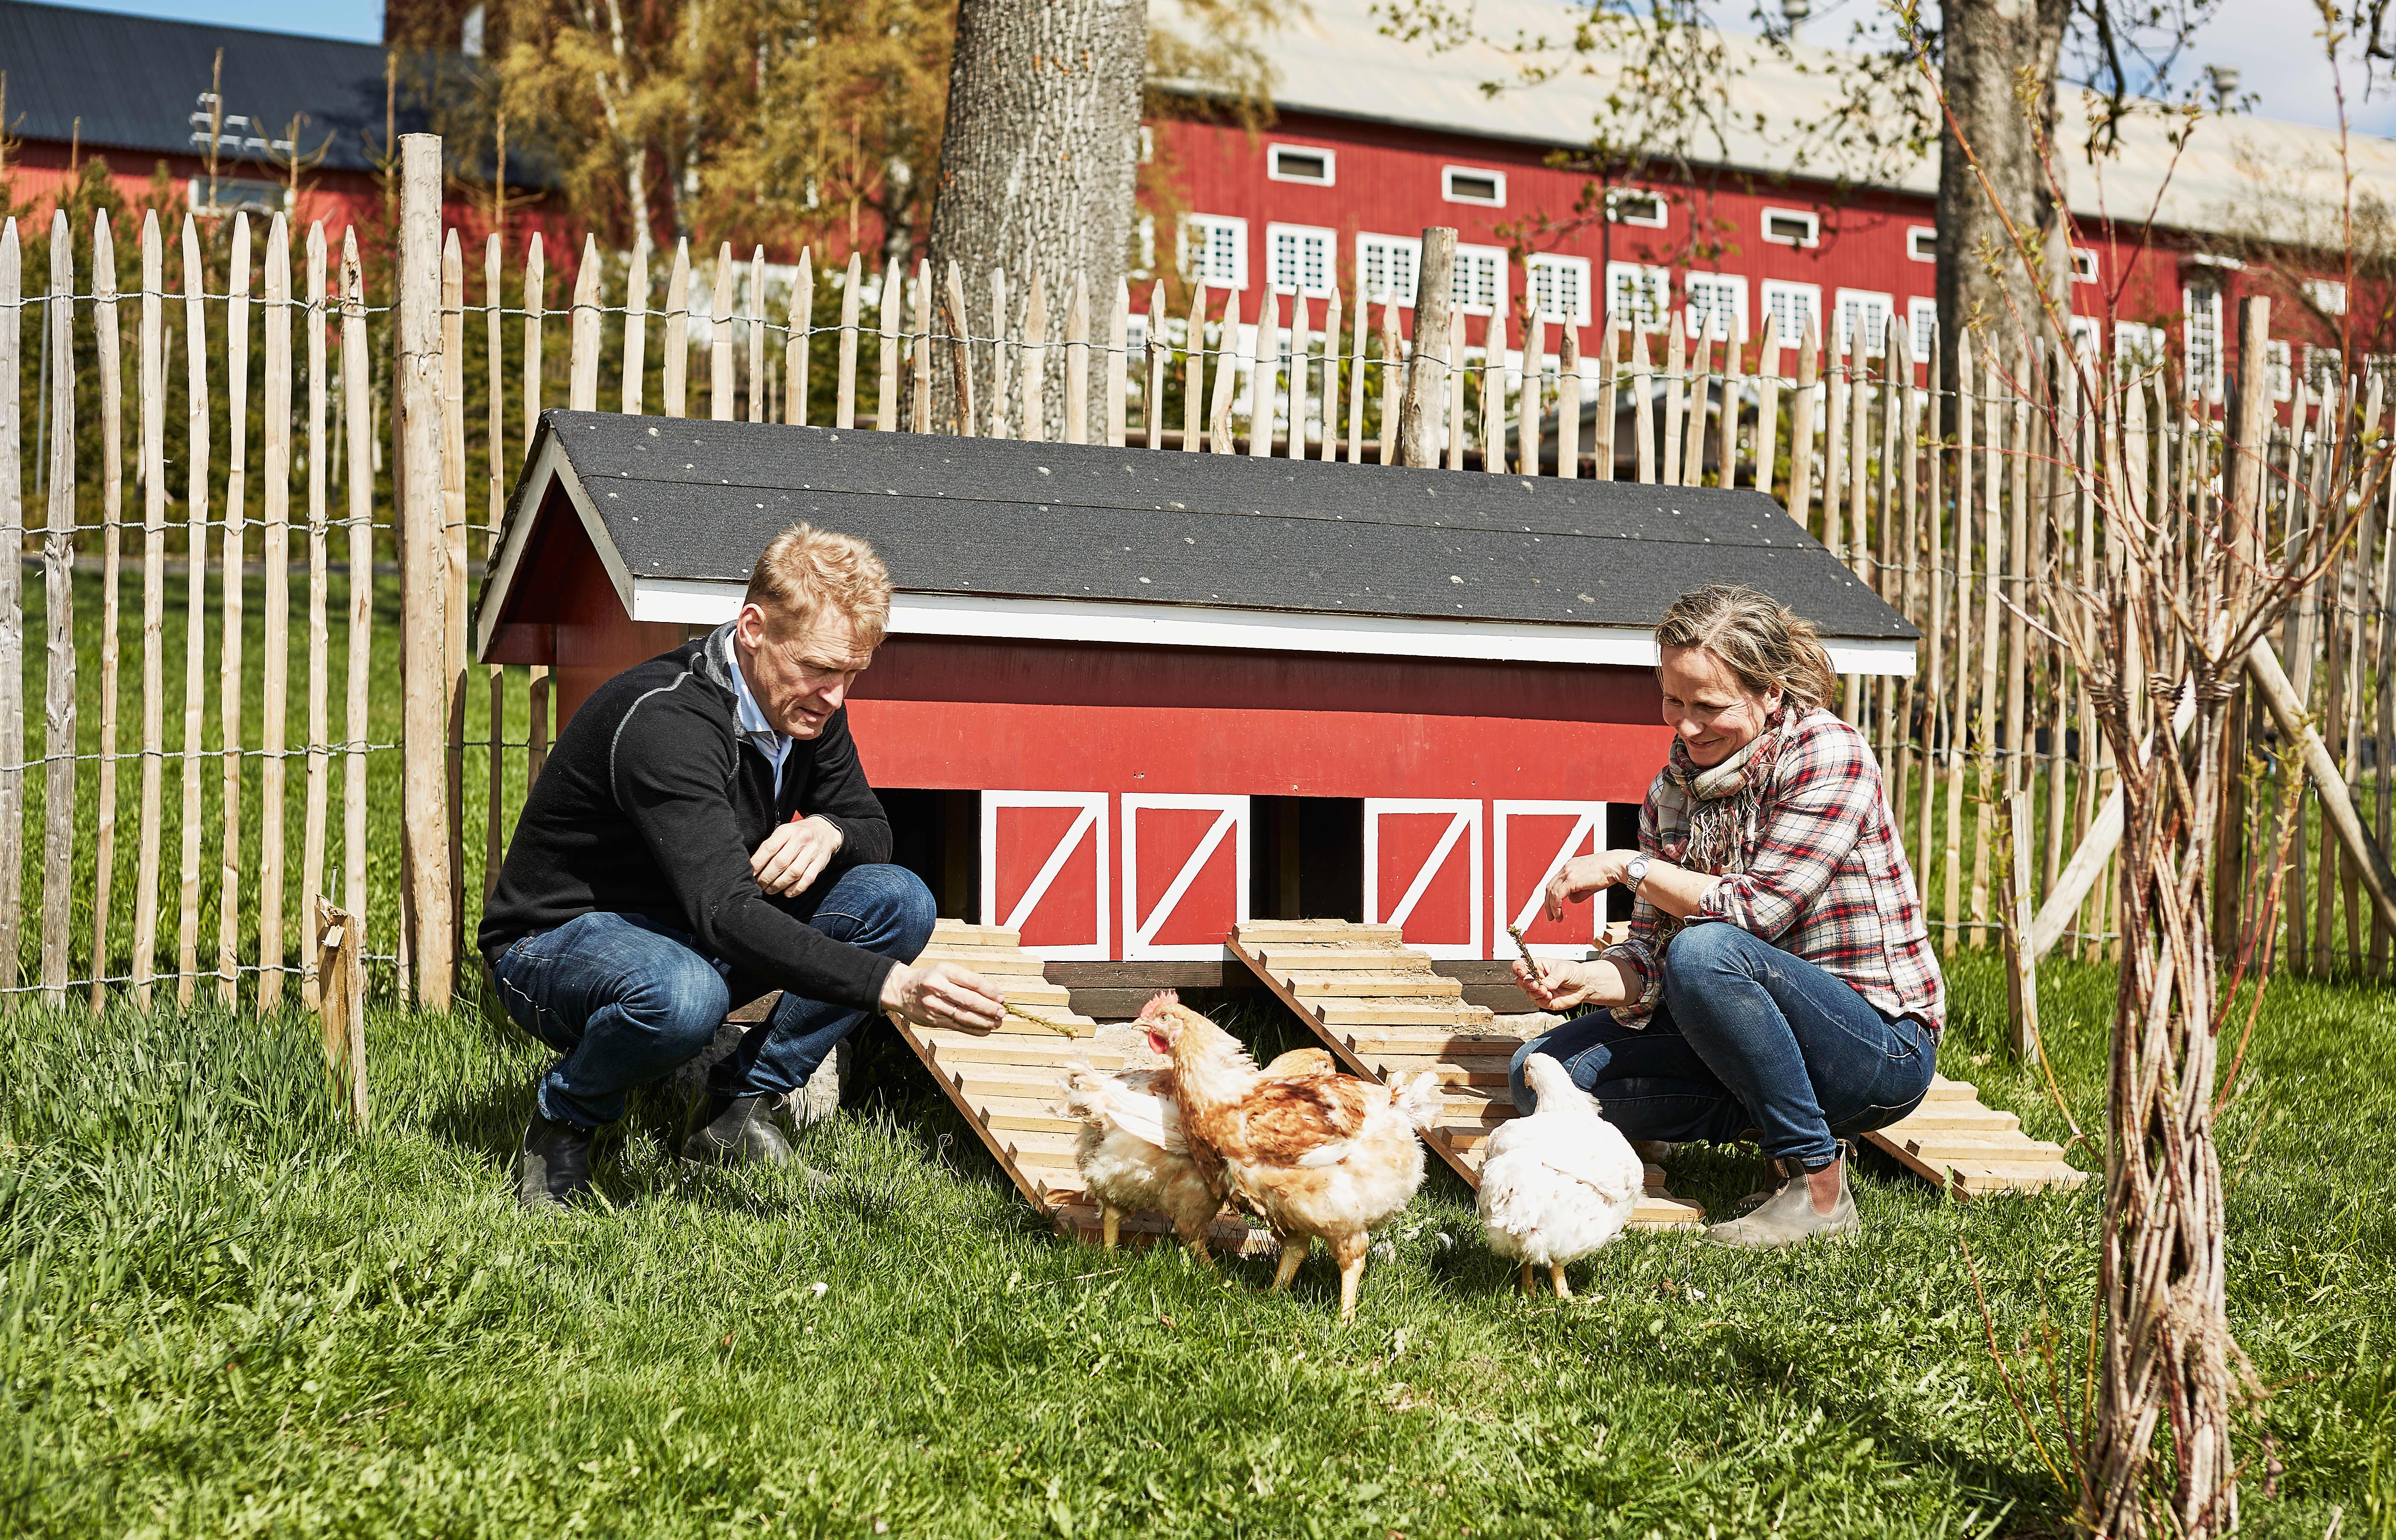 UTEOMRÅDET: På gården til Are Herrem og Marianna Olssøn har kyllingene et uteareal som tilsvarer fire kvadratmeter per kylling.